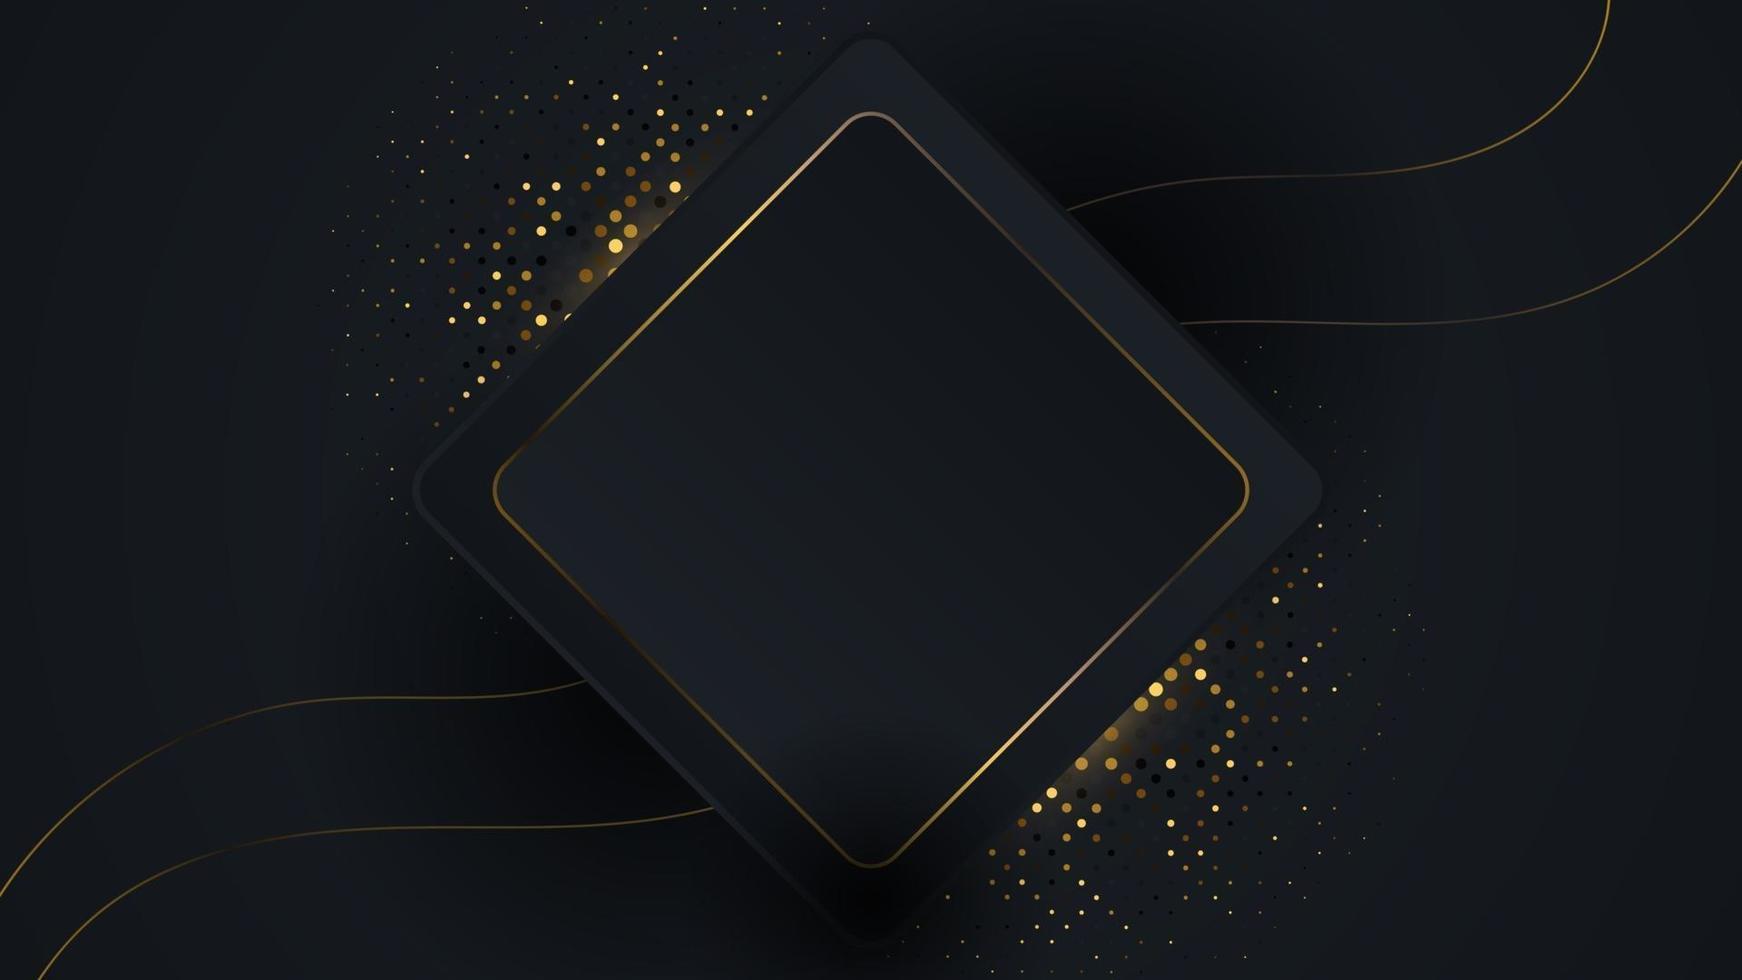 Luxus Hintergrund mit funkelnden Glitzern Punkte Element Dekoration. elegante Vektorüberlappung mit geometrischer Form und goldener Linie. Grafikdesign für Leerzeichenillustrationen. vektor